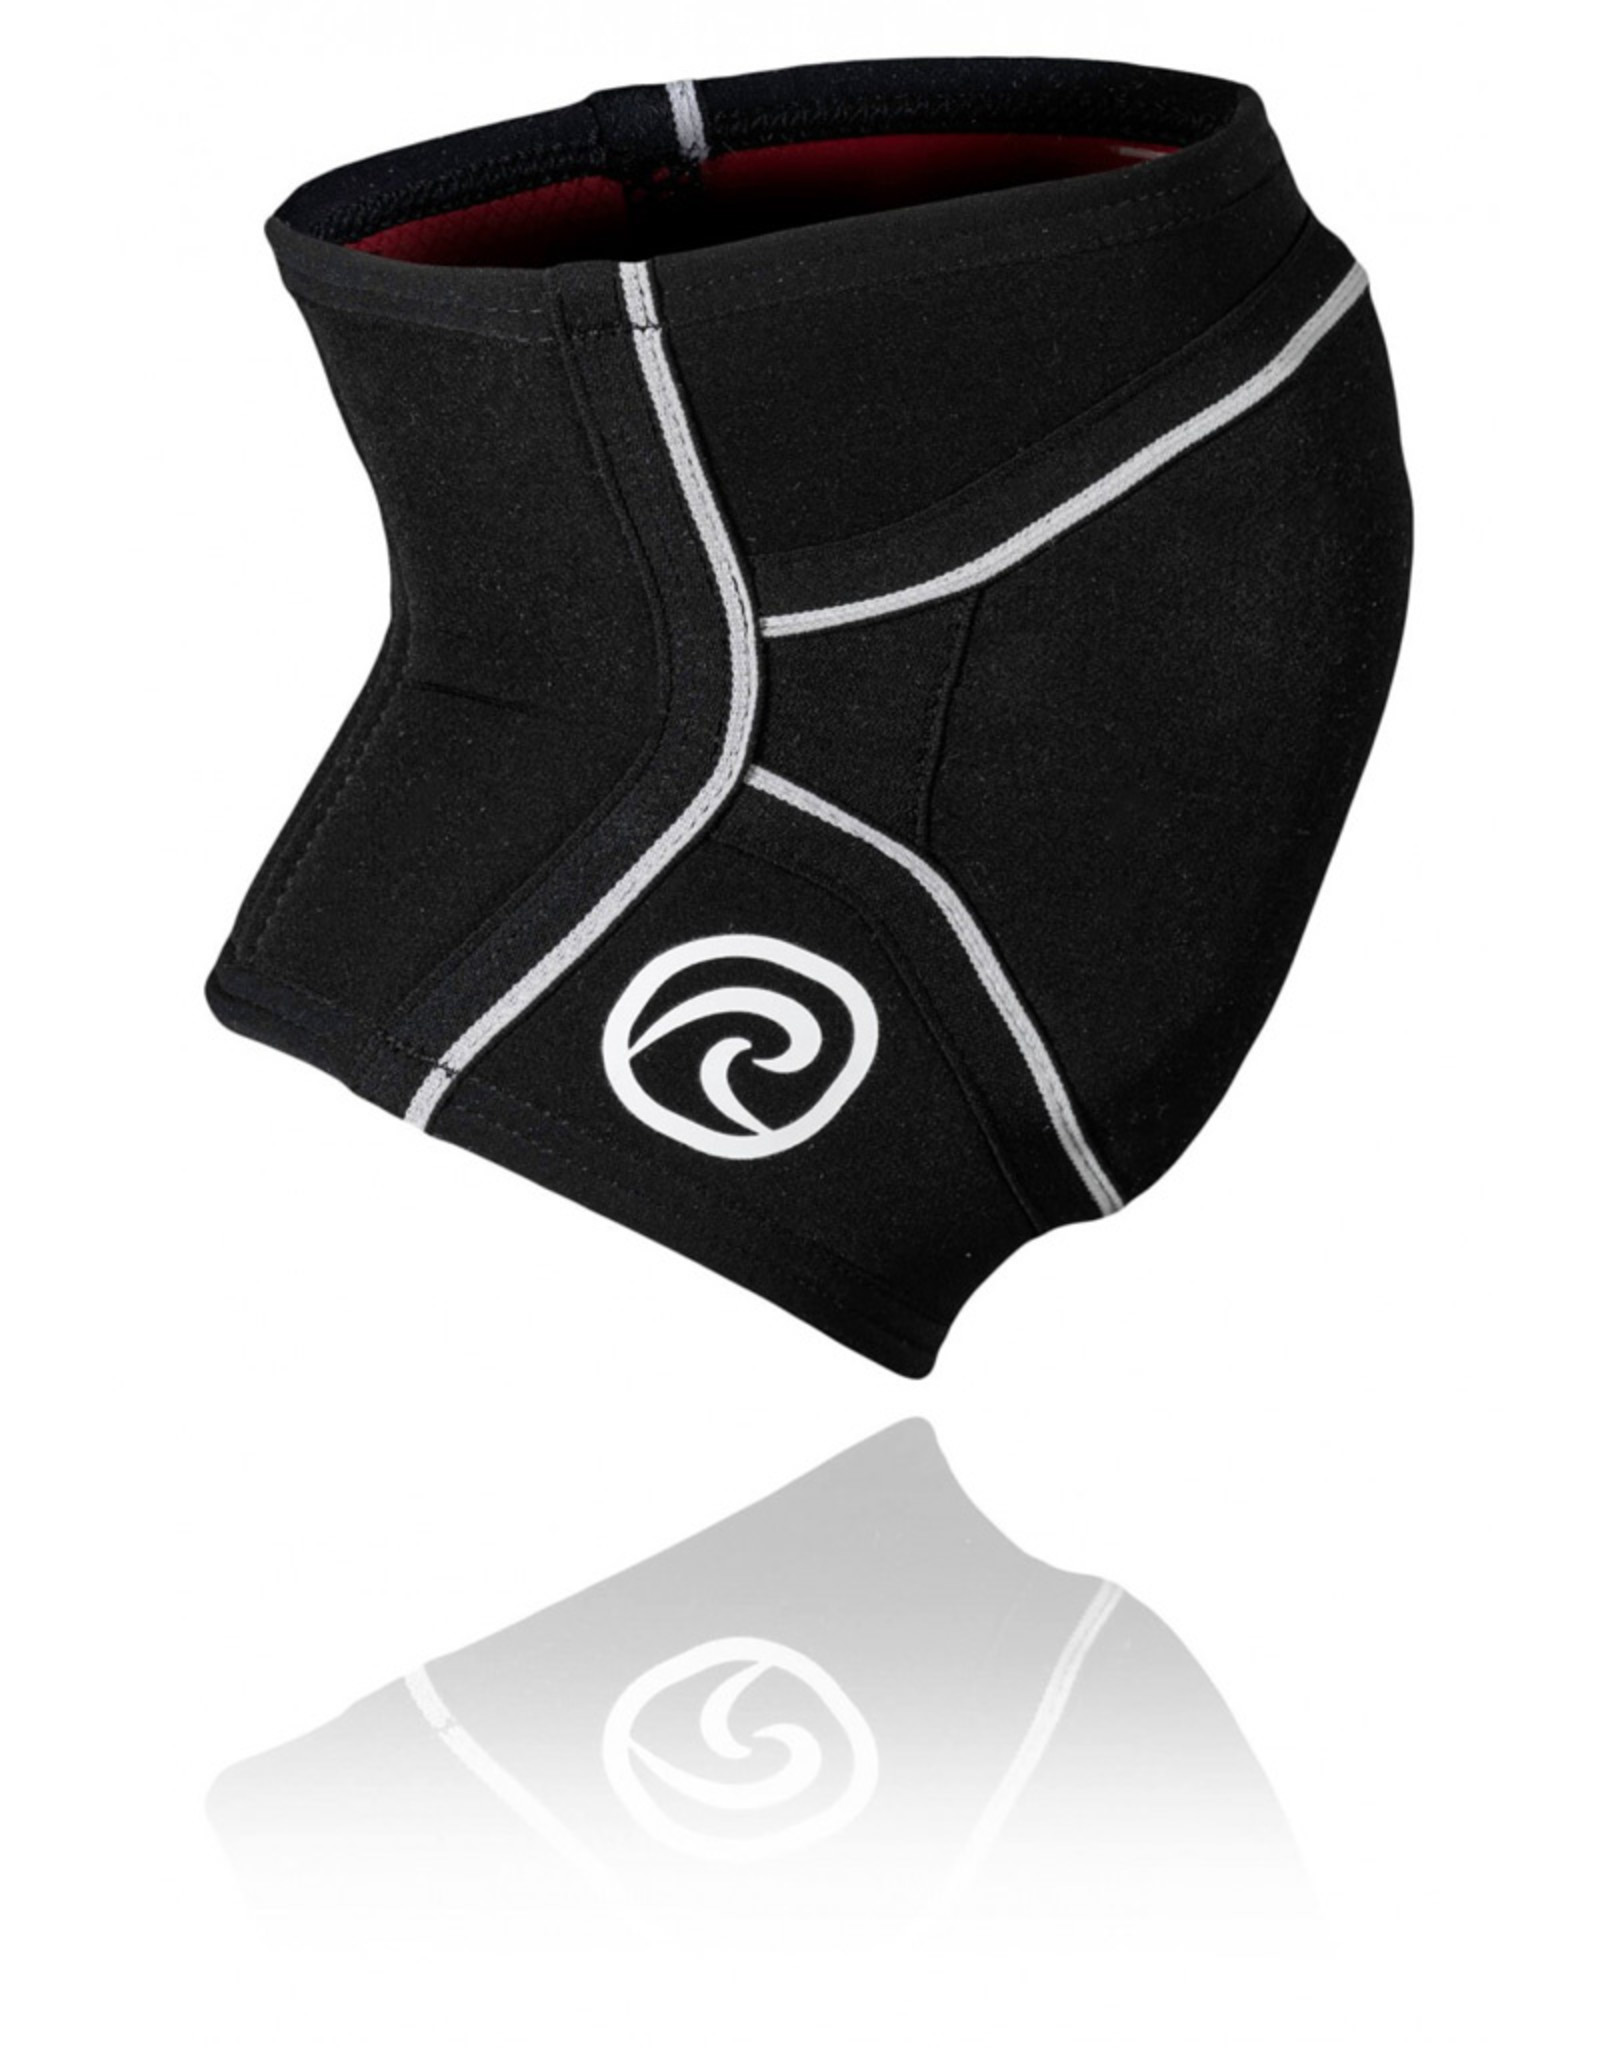 Rehband Prn Knee Pad R Kniebrace - Zwart